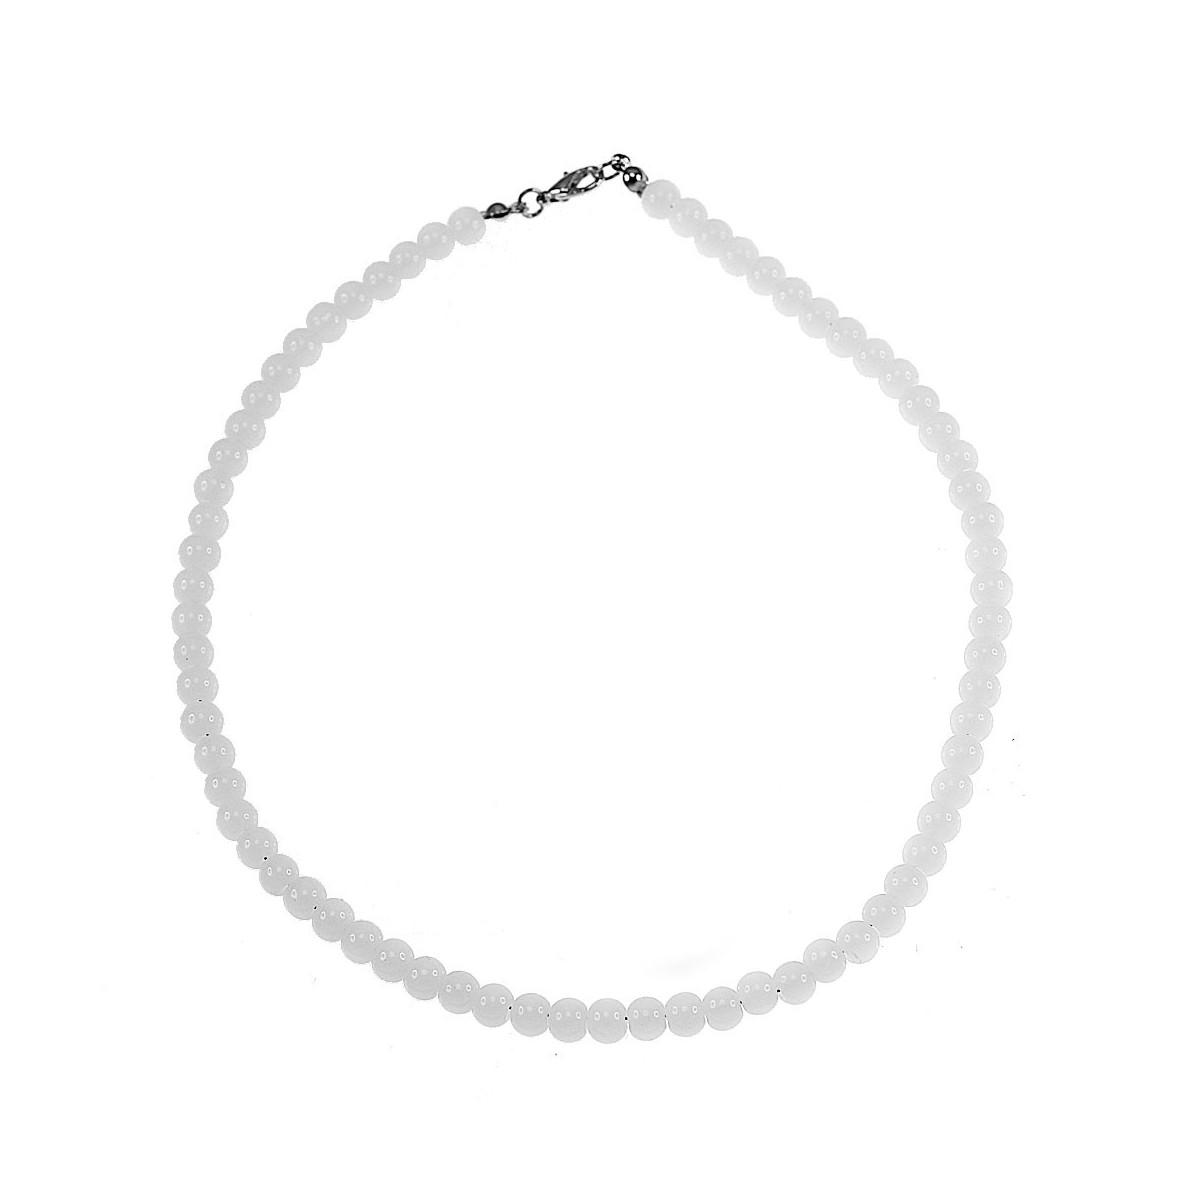 Collier blanc orné de perles de verre par So Charm